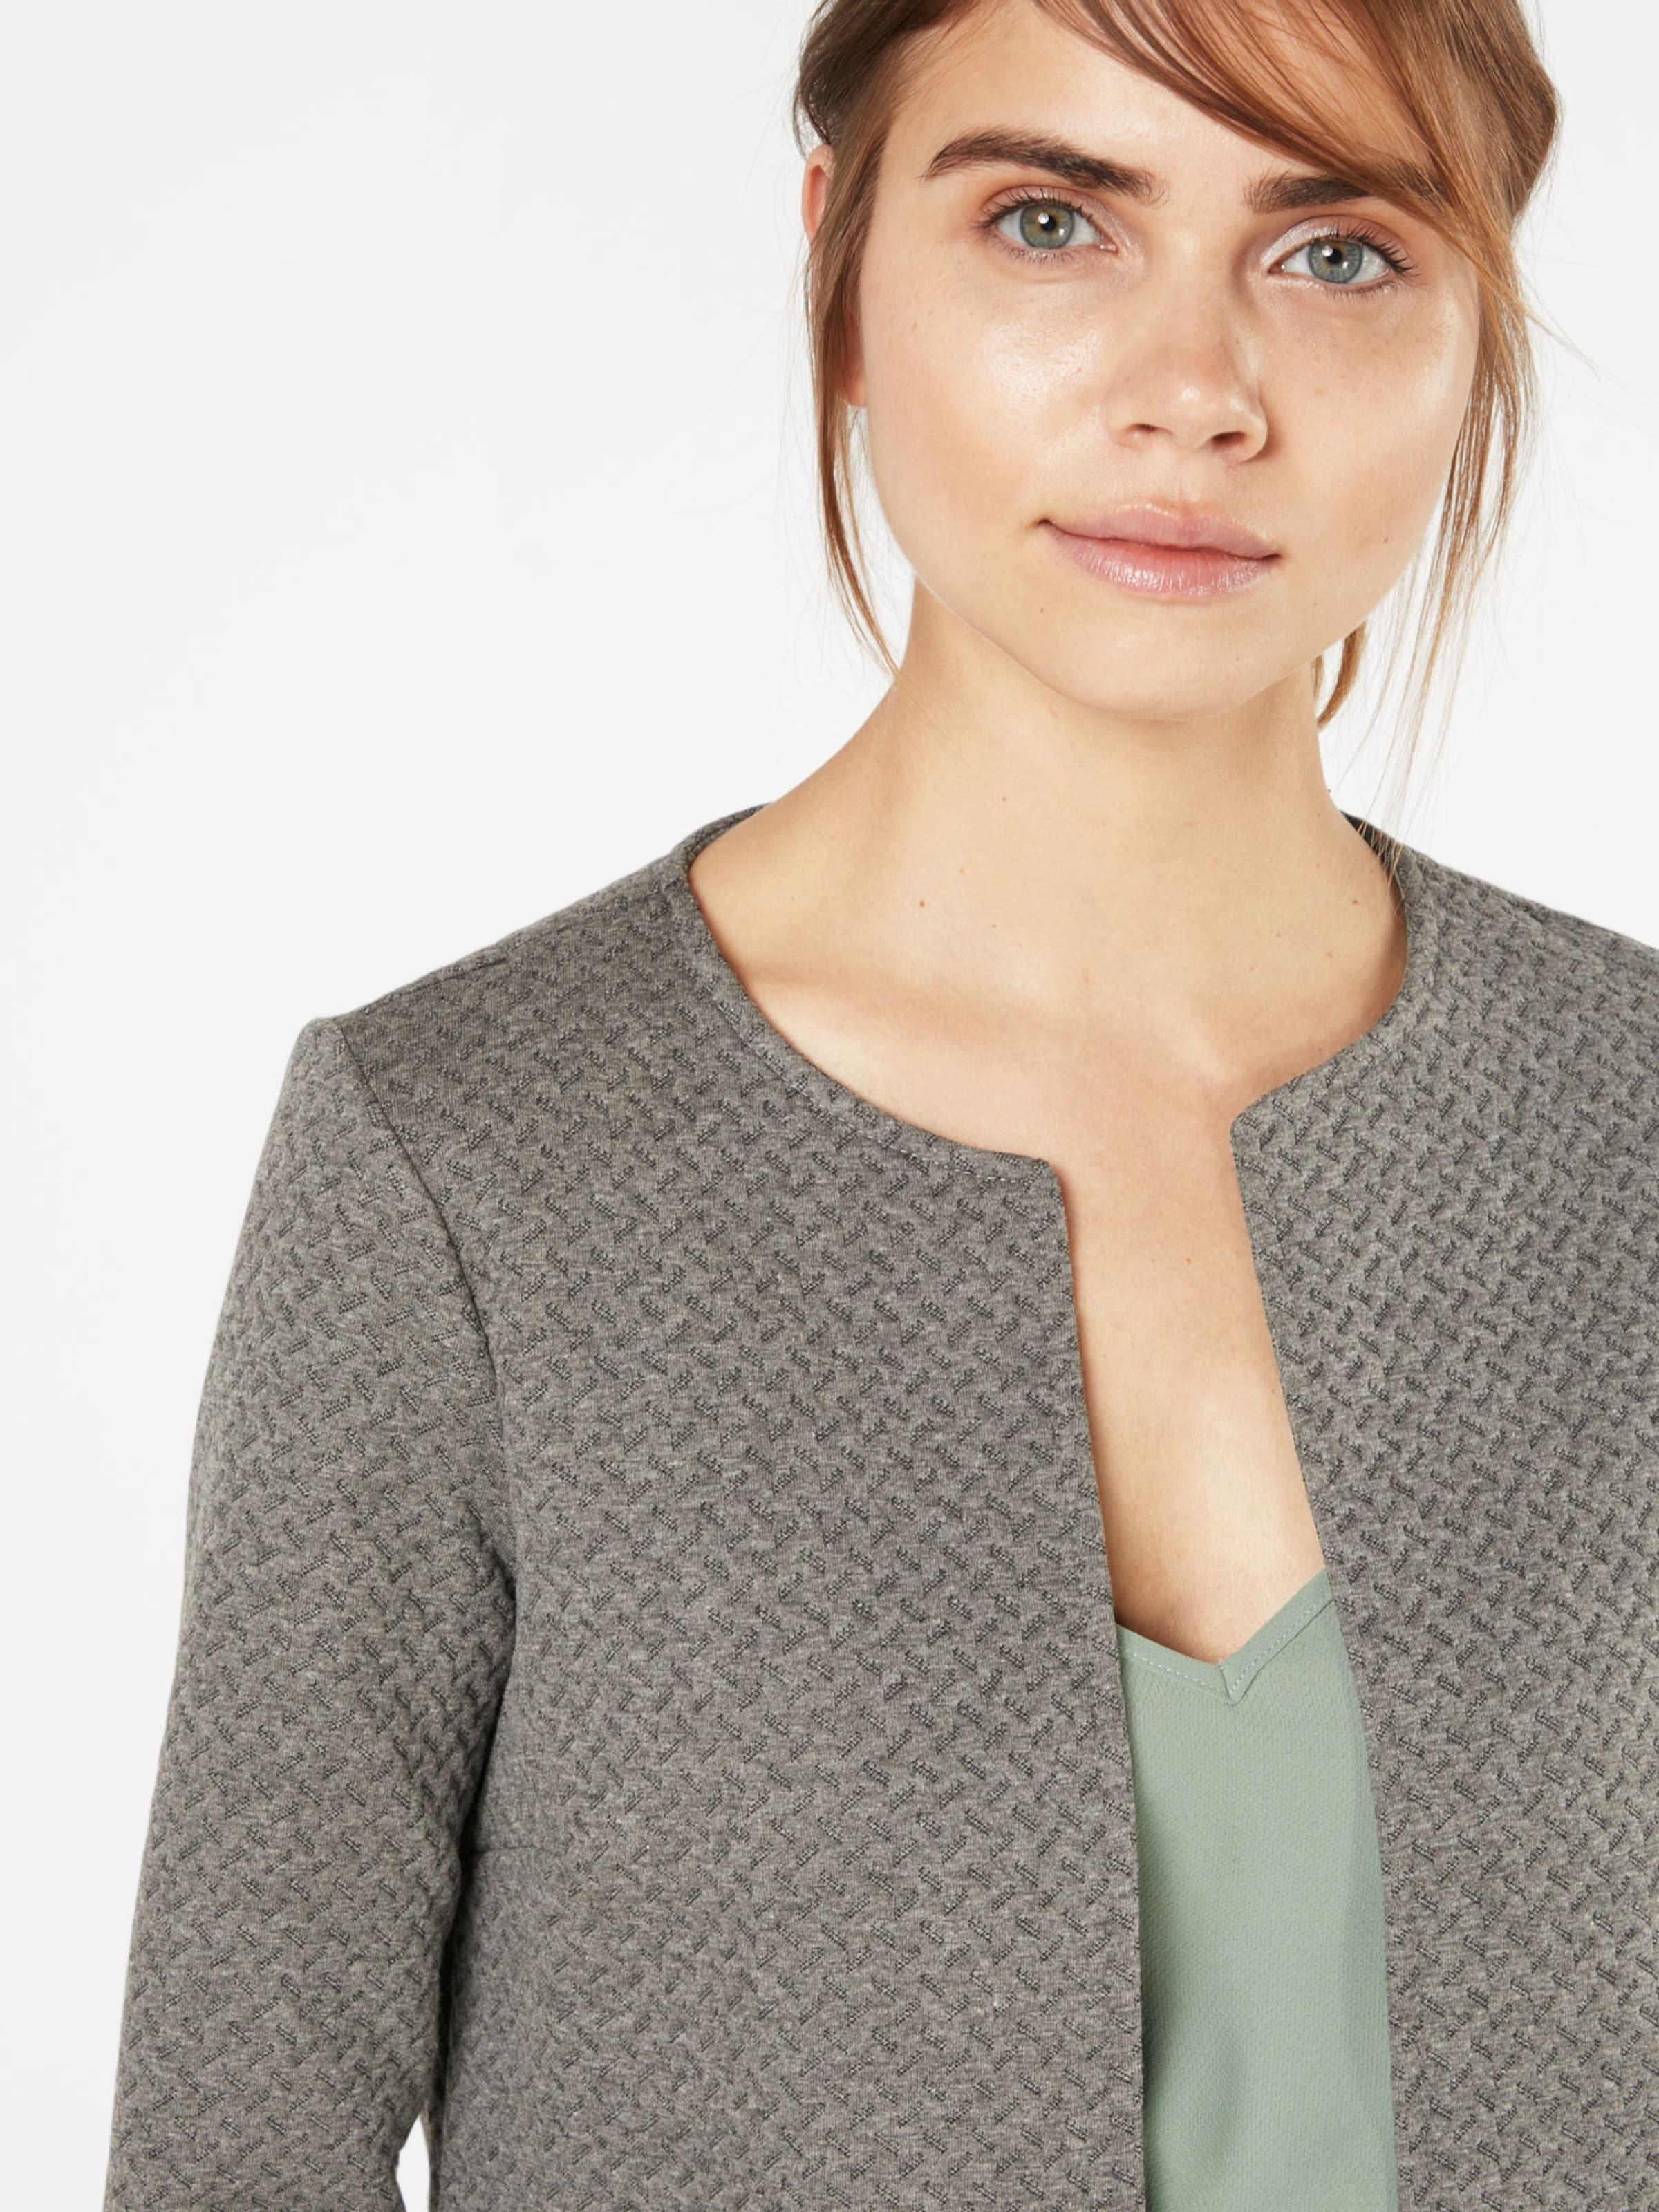 Kaufen Billig Zu Kaufen VILA Lange Jacke 'Vinaja' Preise Günstig Online Billig Verkauf Große Diskont Outlet Rabatt Verkauf Reduzierter Preis QpmRsfT